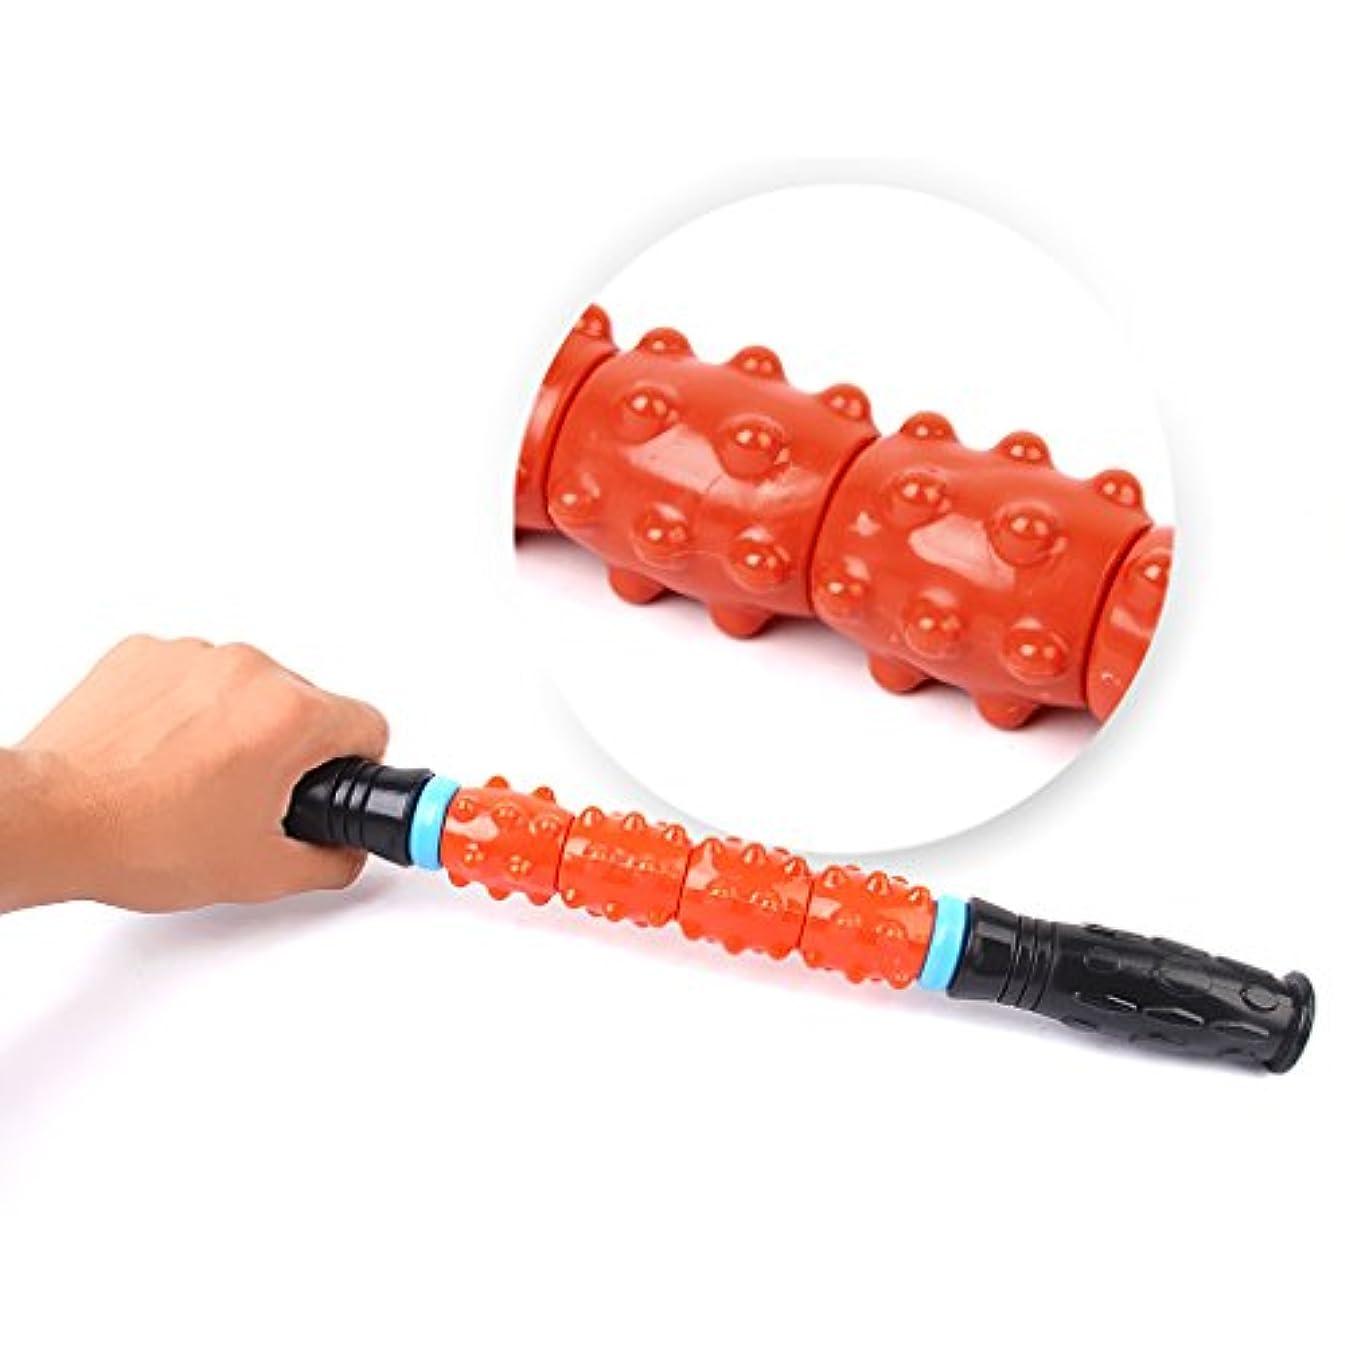 船員家主胚芽マッサージボール 手のひら 足首 すね 腕 背中 マッサージ 筋肉緊張和らげ 血液循環を促進 6cm